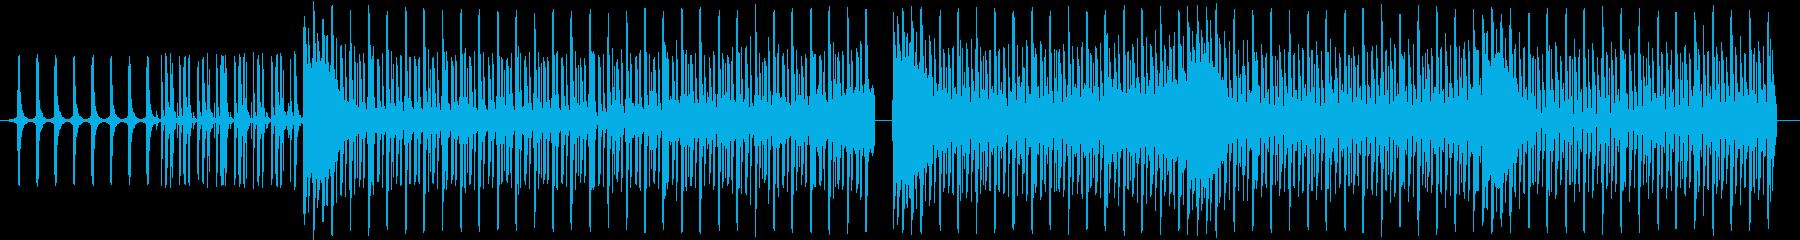 エレクトロポップ研究所弾む幸せな楽しい。の再生済みの波形